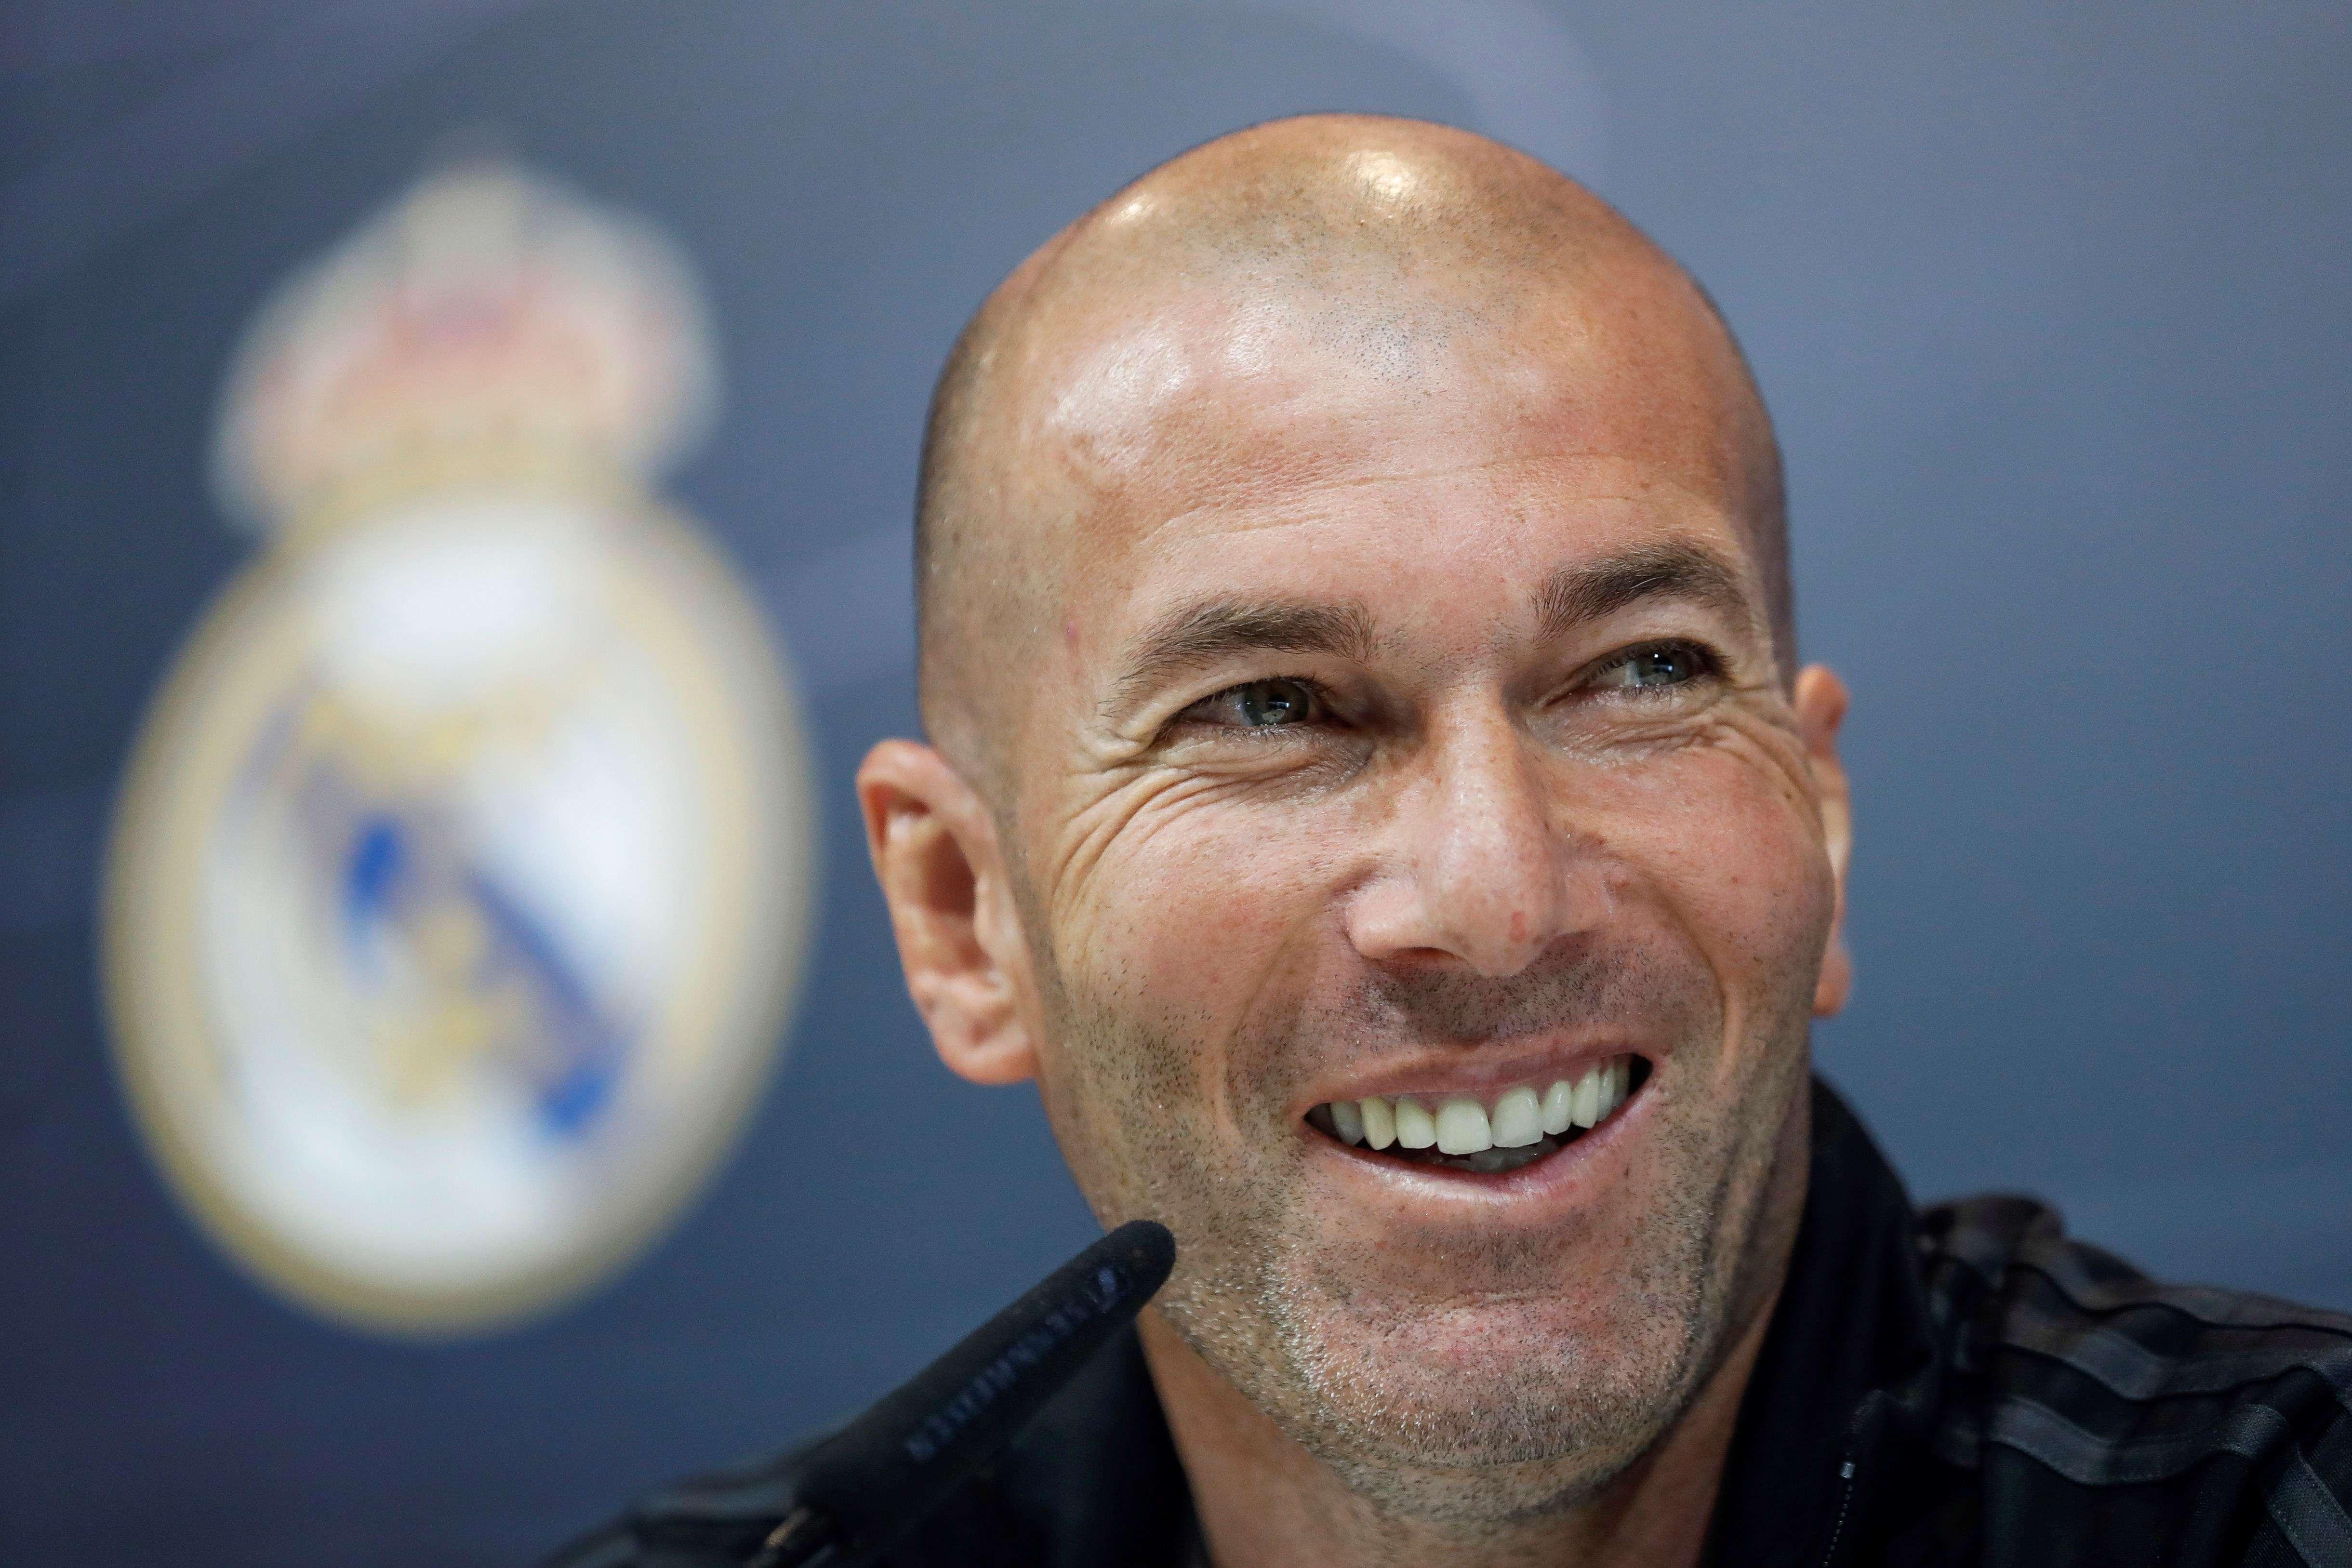 Zinedine Zidane tomará las riendas del conjunto blanco. / EFE